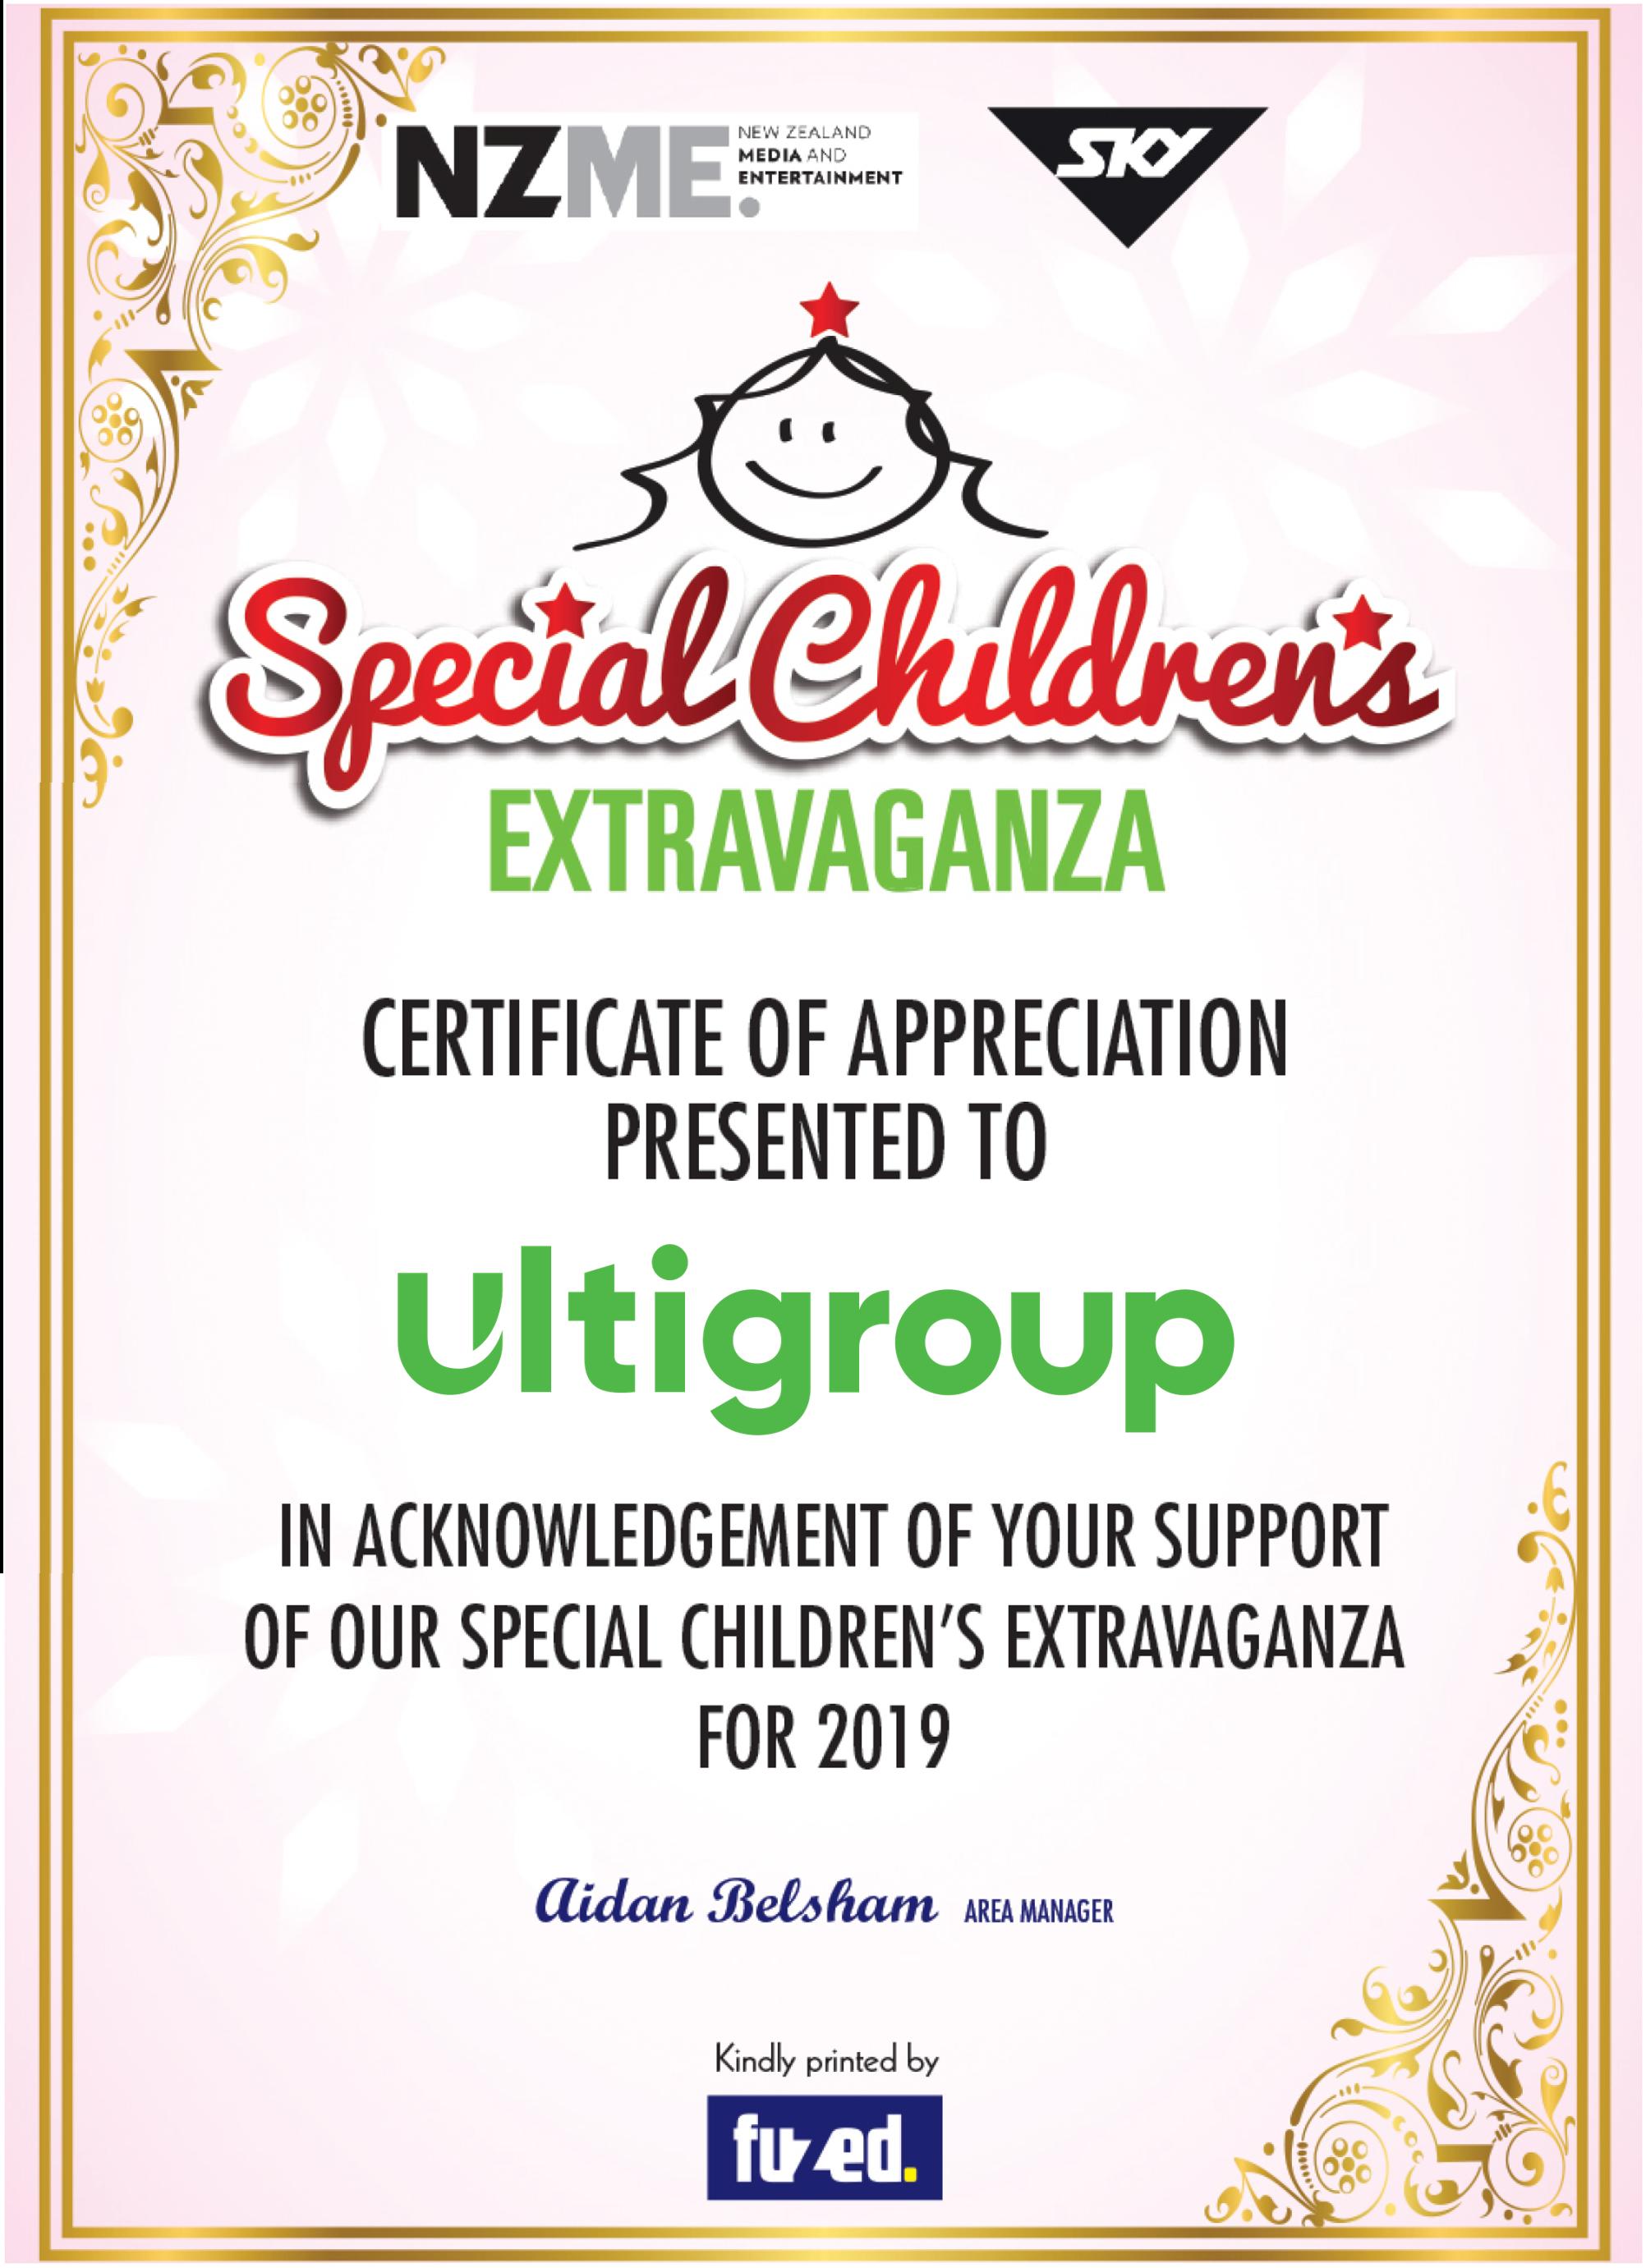 Special Children